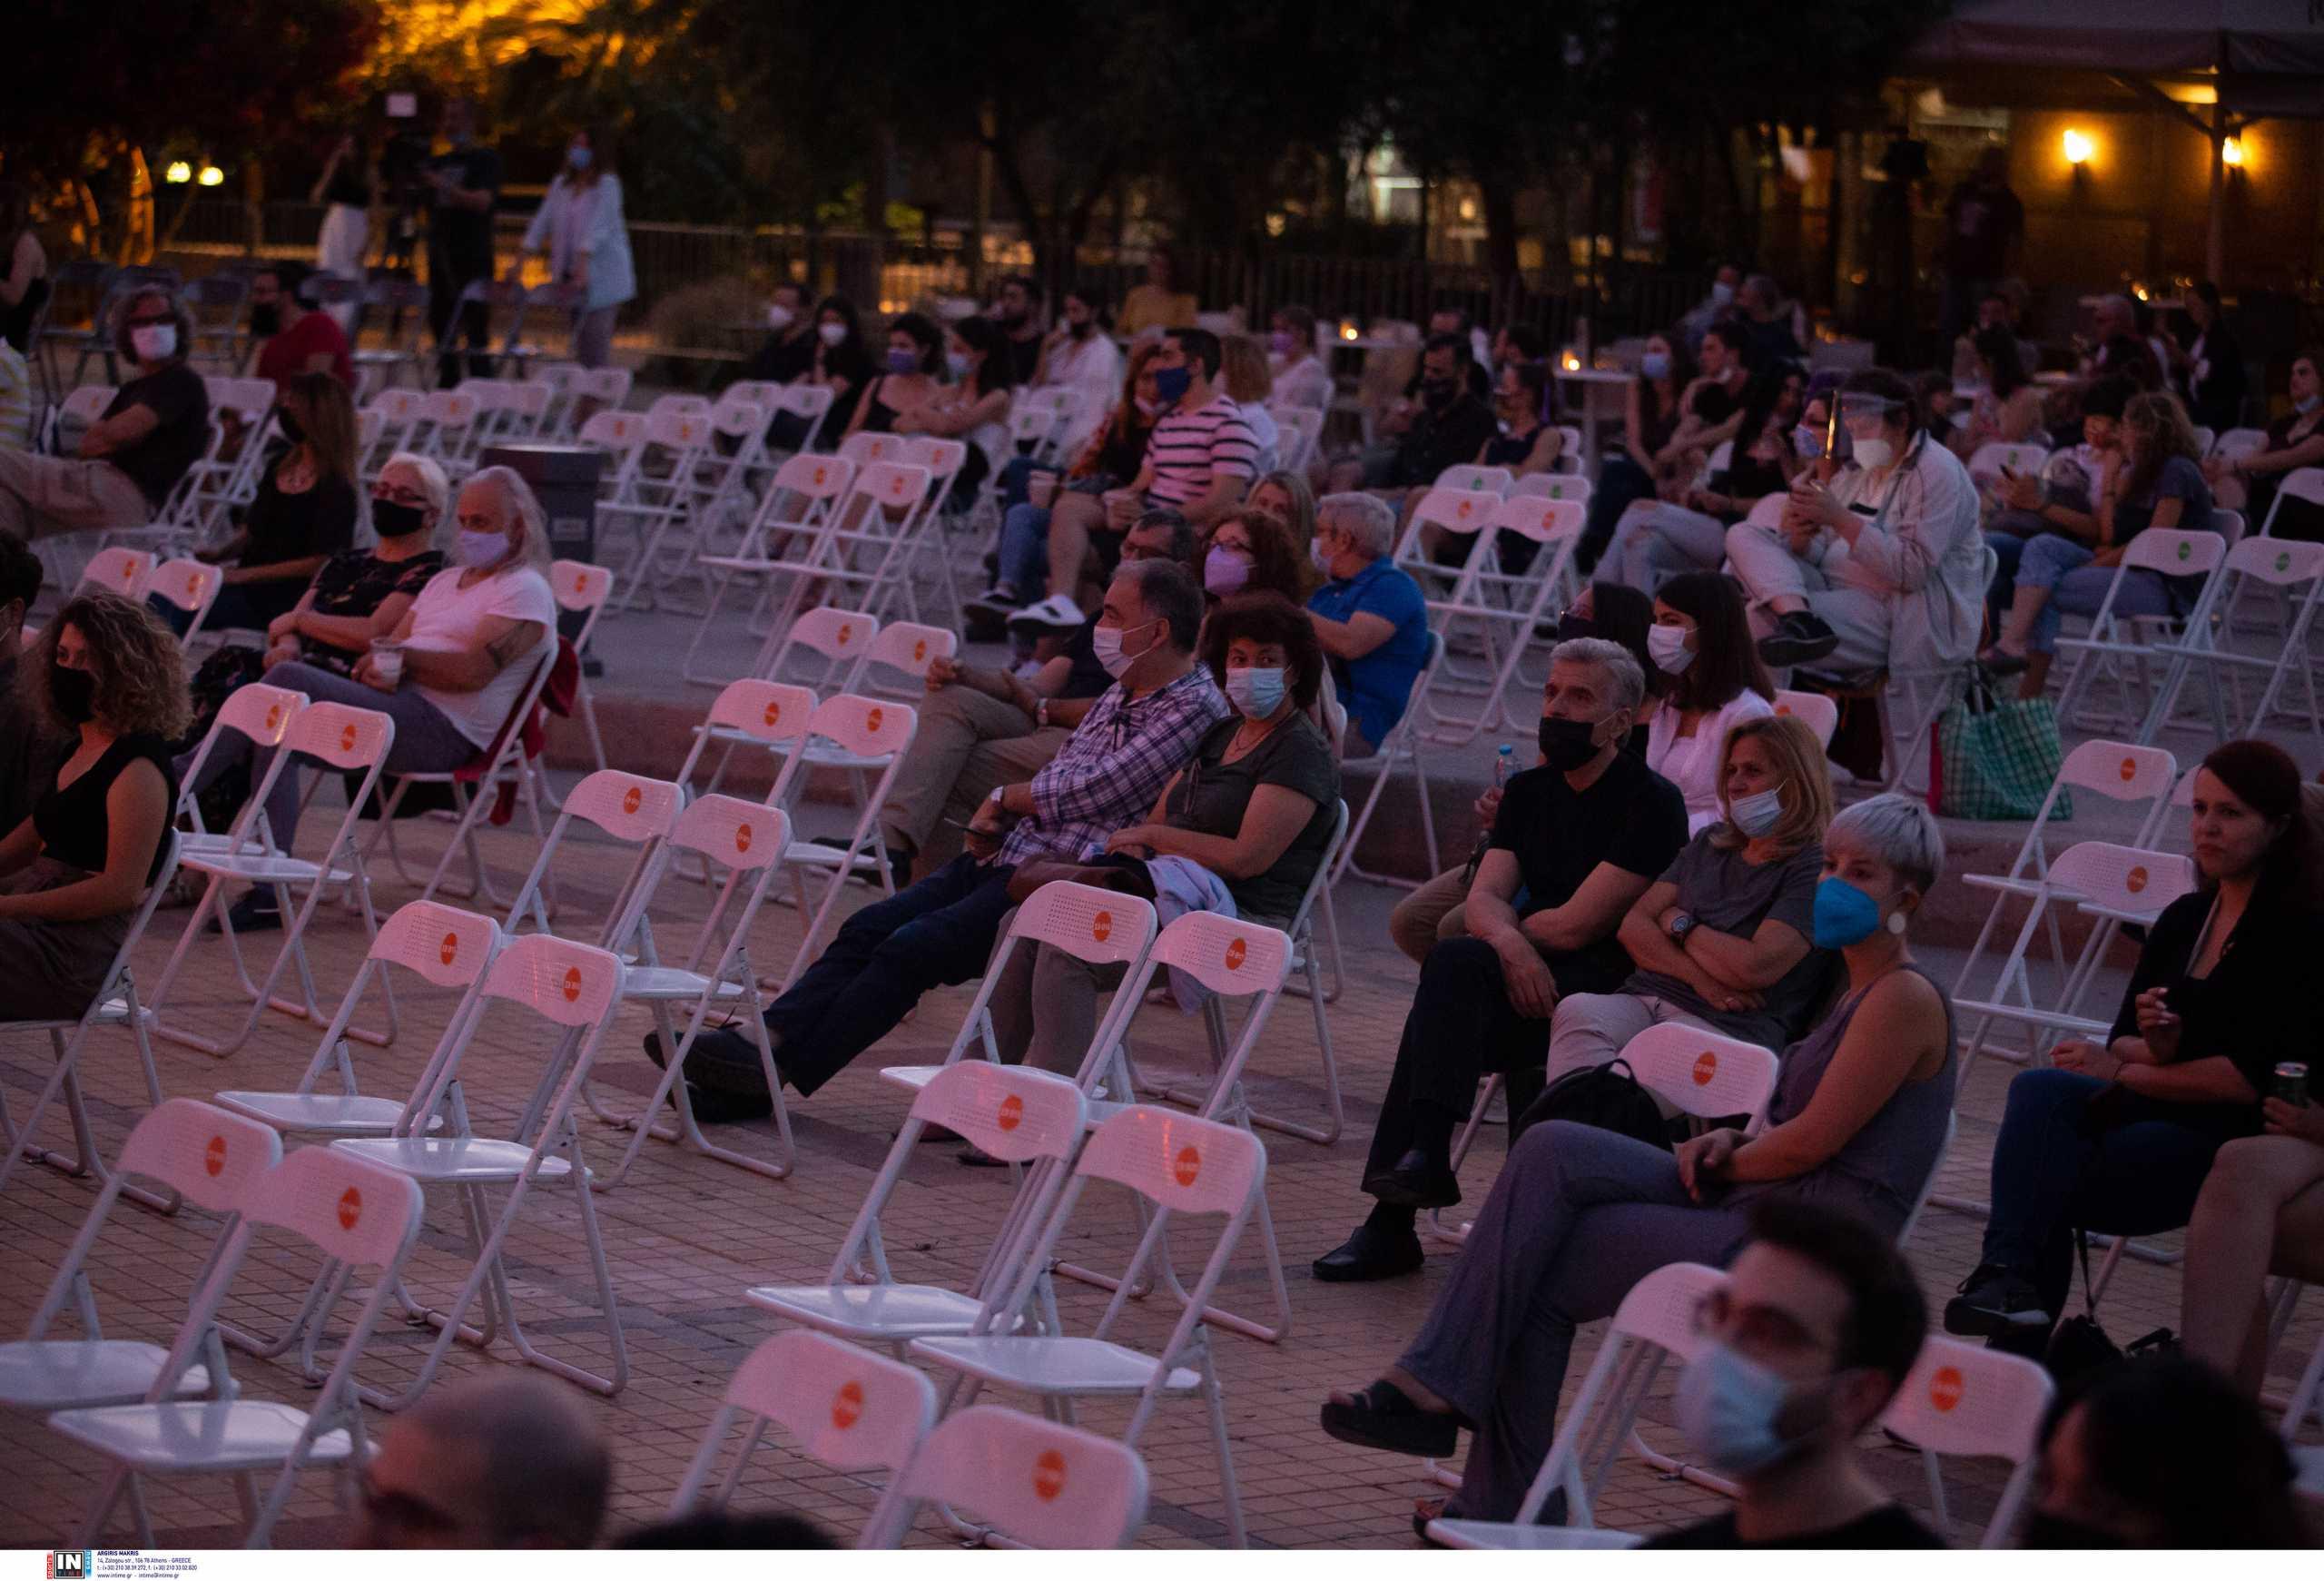 Κορονοϊός: Αυτά είναι τα μέτρα σε παραστάσεις και συναυλίες σε υπαίθριους χώρους